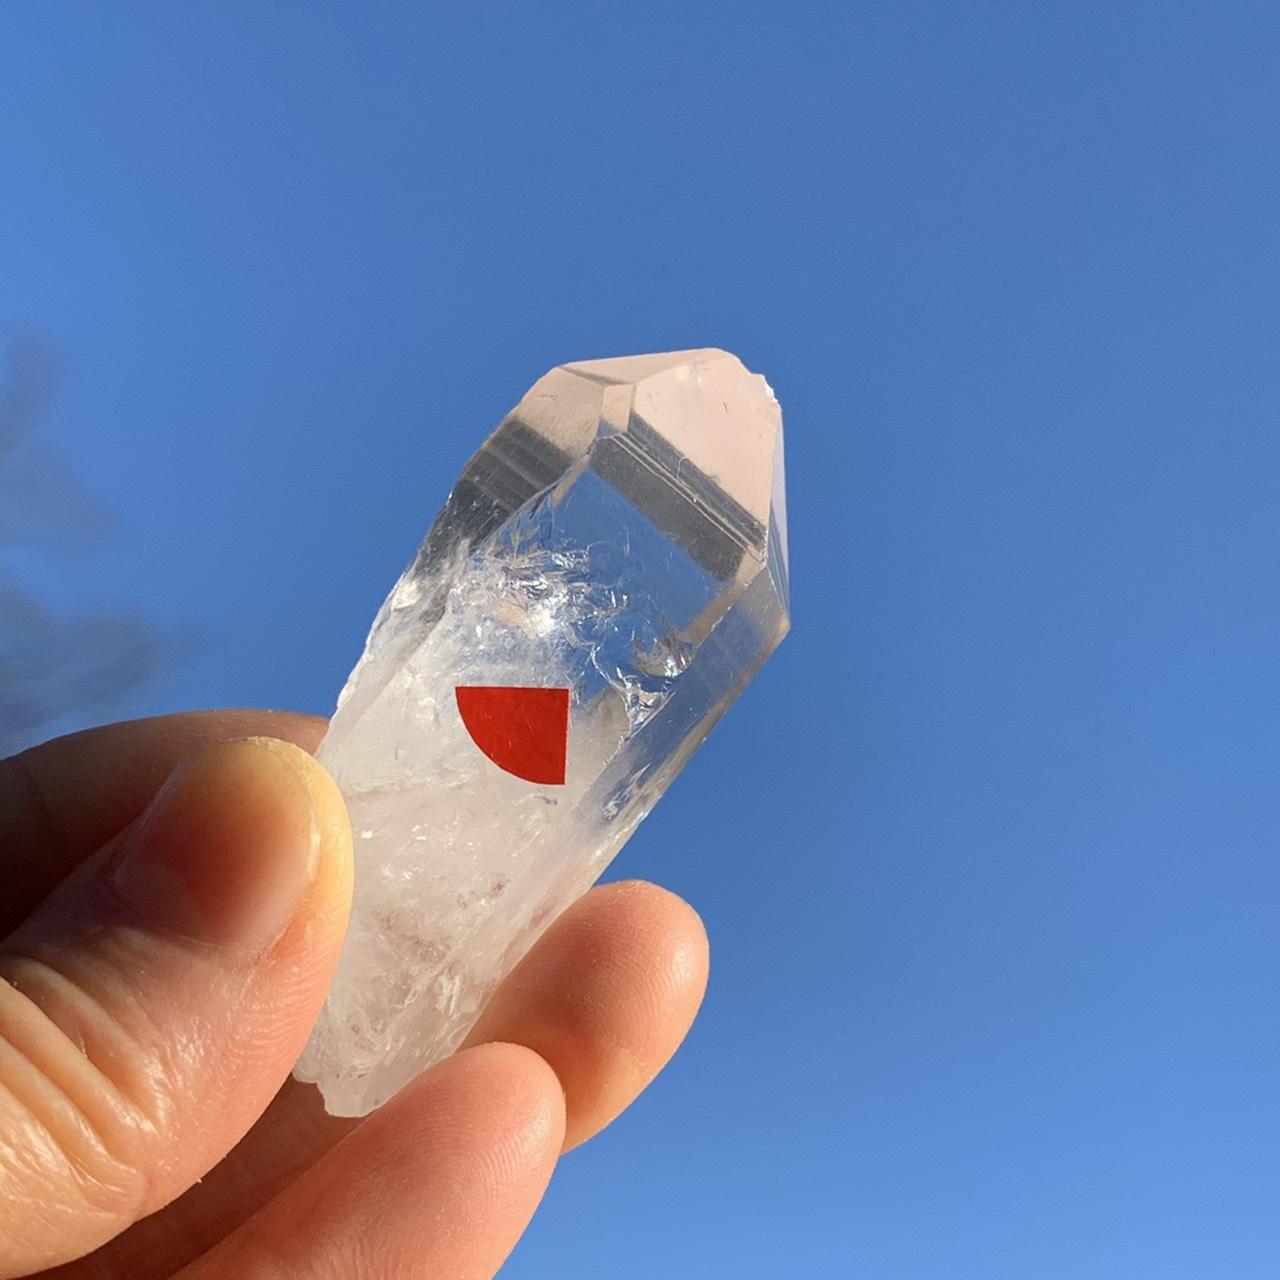 画像1: 激レア!!ライトニングクォーツ(雷水晶) ブラジル産 天然石・高品質・一点物 (1)